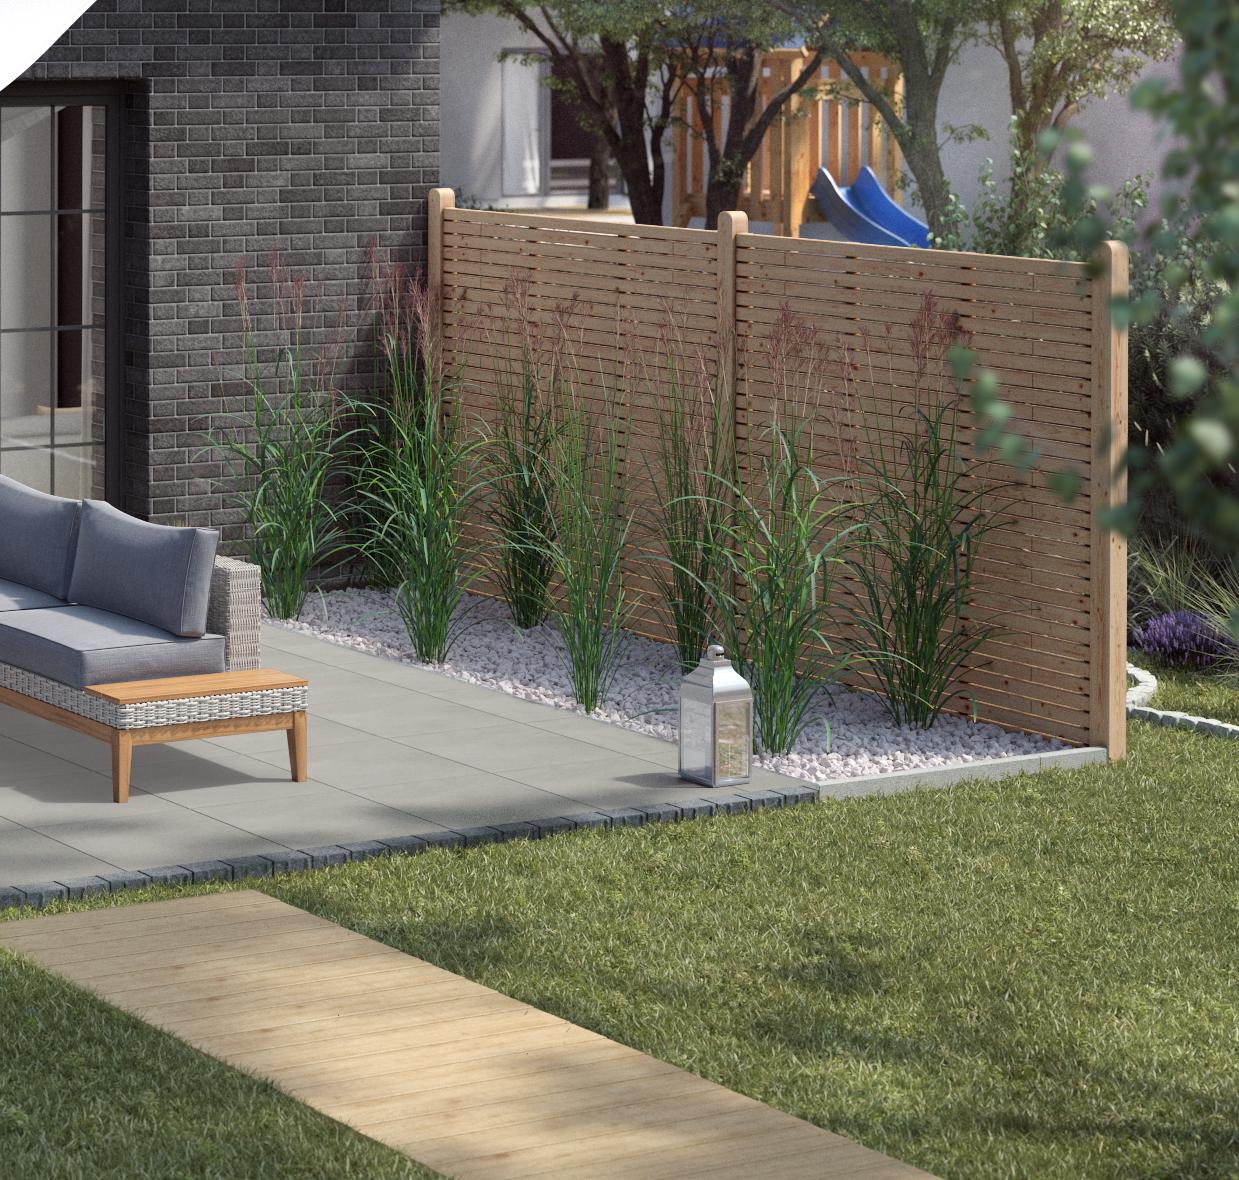 Gartengestaltung Terrasse modern DE 2